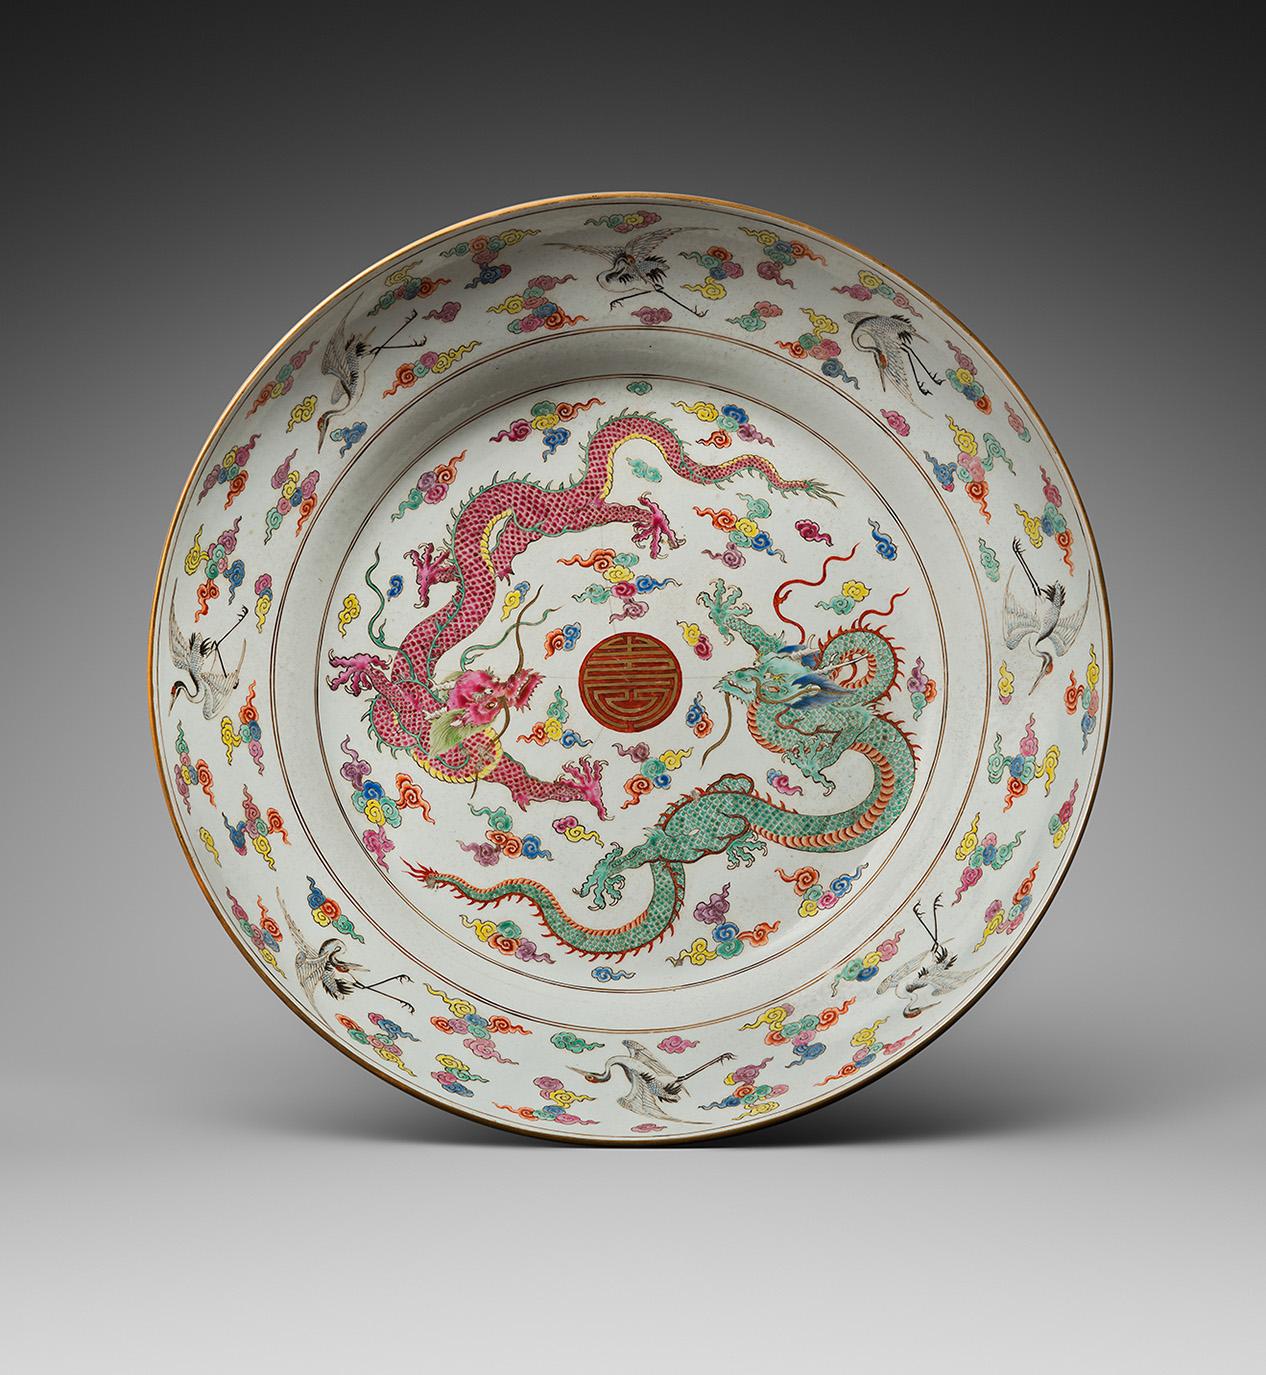 Chine, époque Yongzheng (1723-1795). Coupe en porcelaine émaillée polychrome à décor au centre de deux dragons entourant un caractère «sho